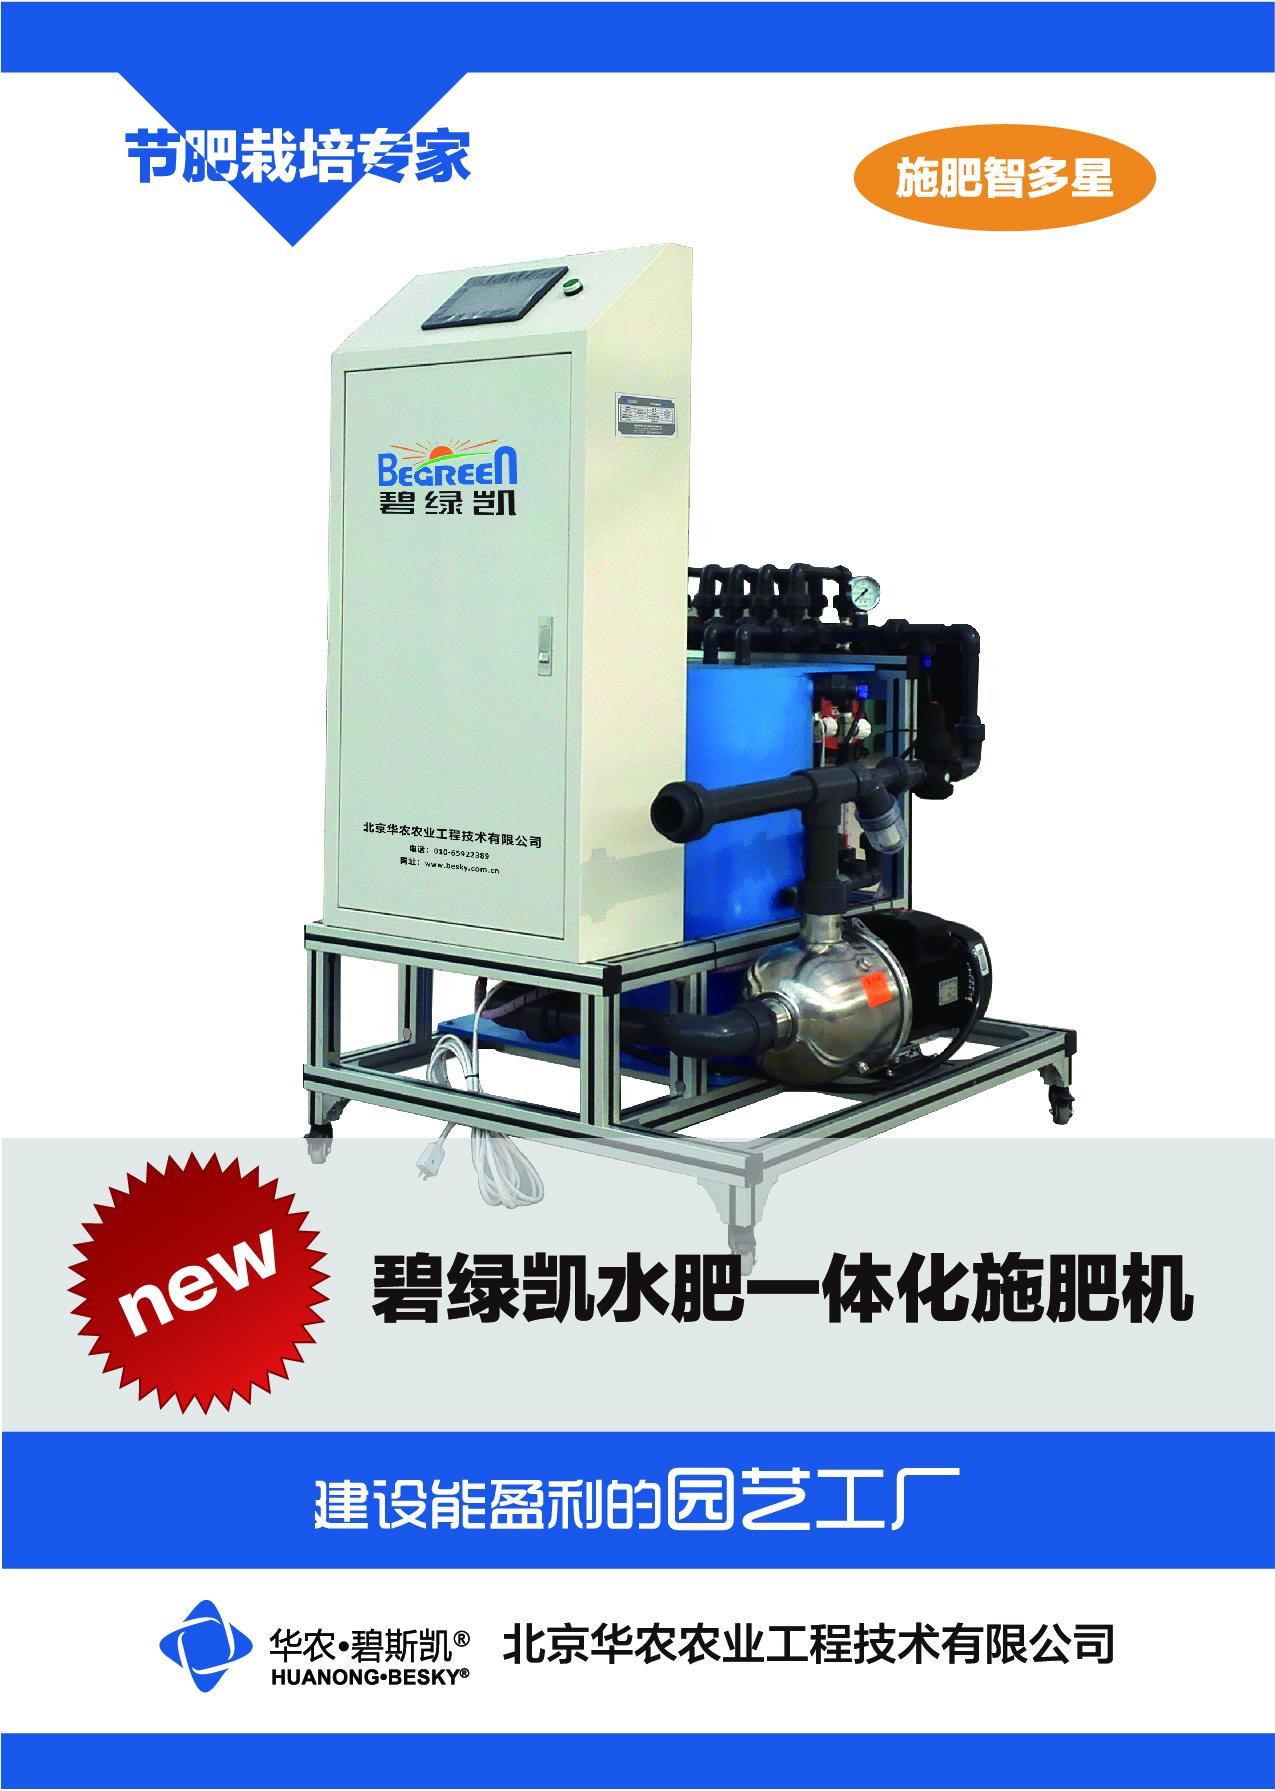 碧绿凯高效水肥一体化施肥机(北京华农) 照片